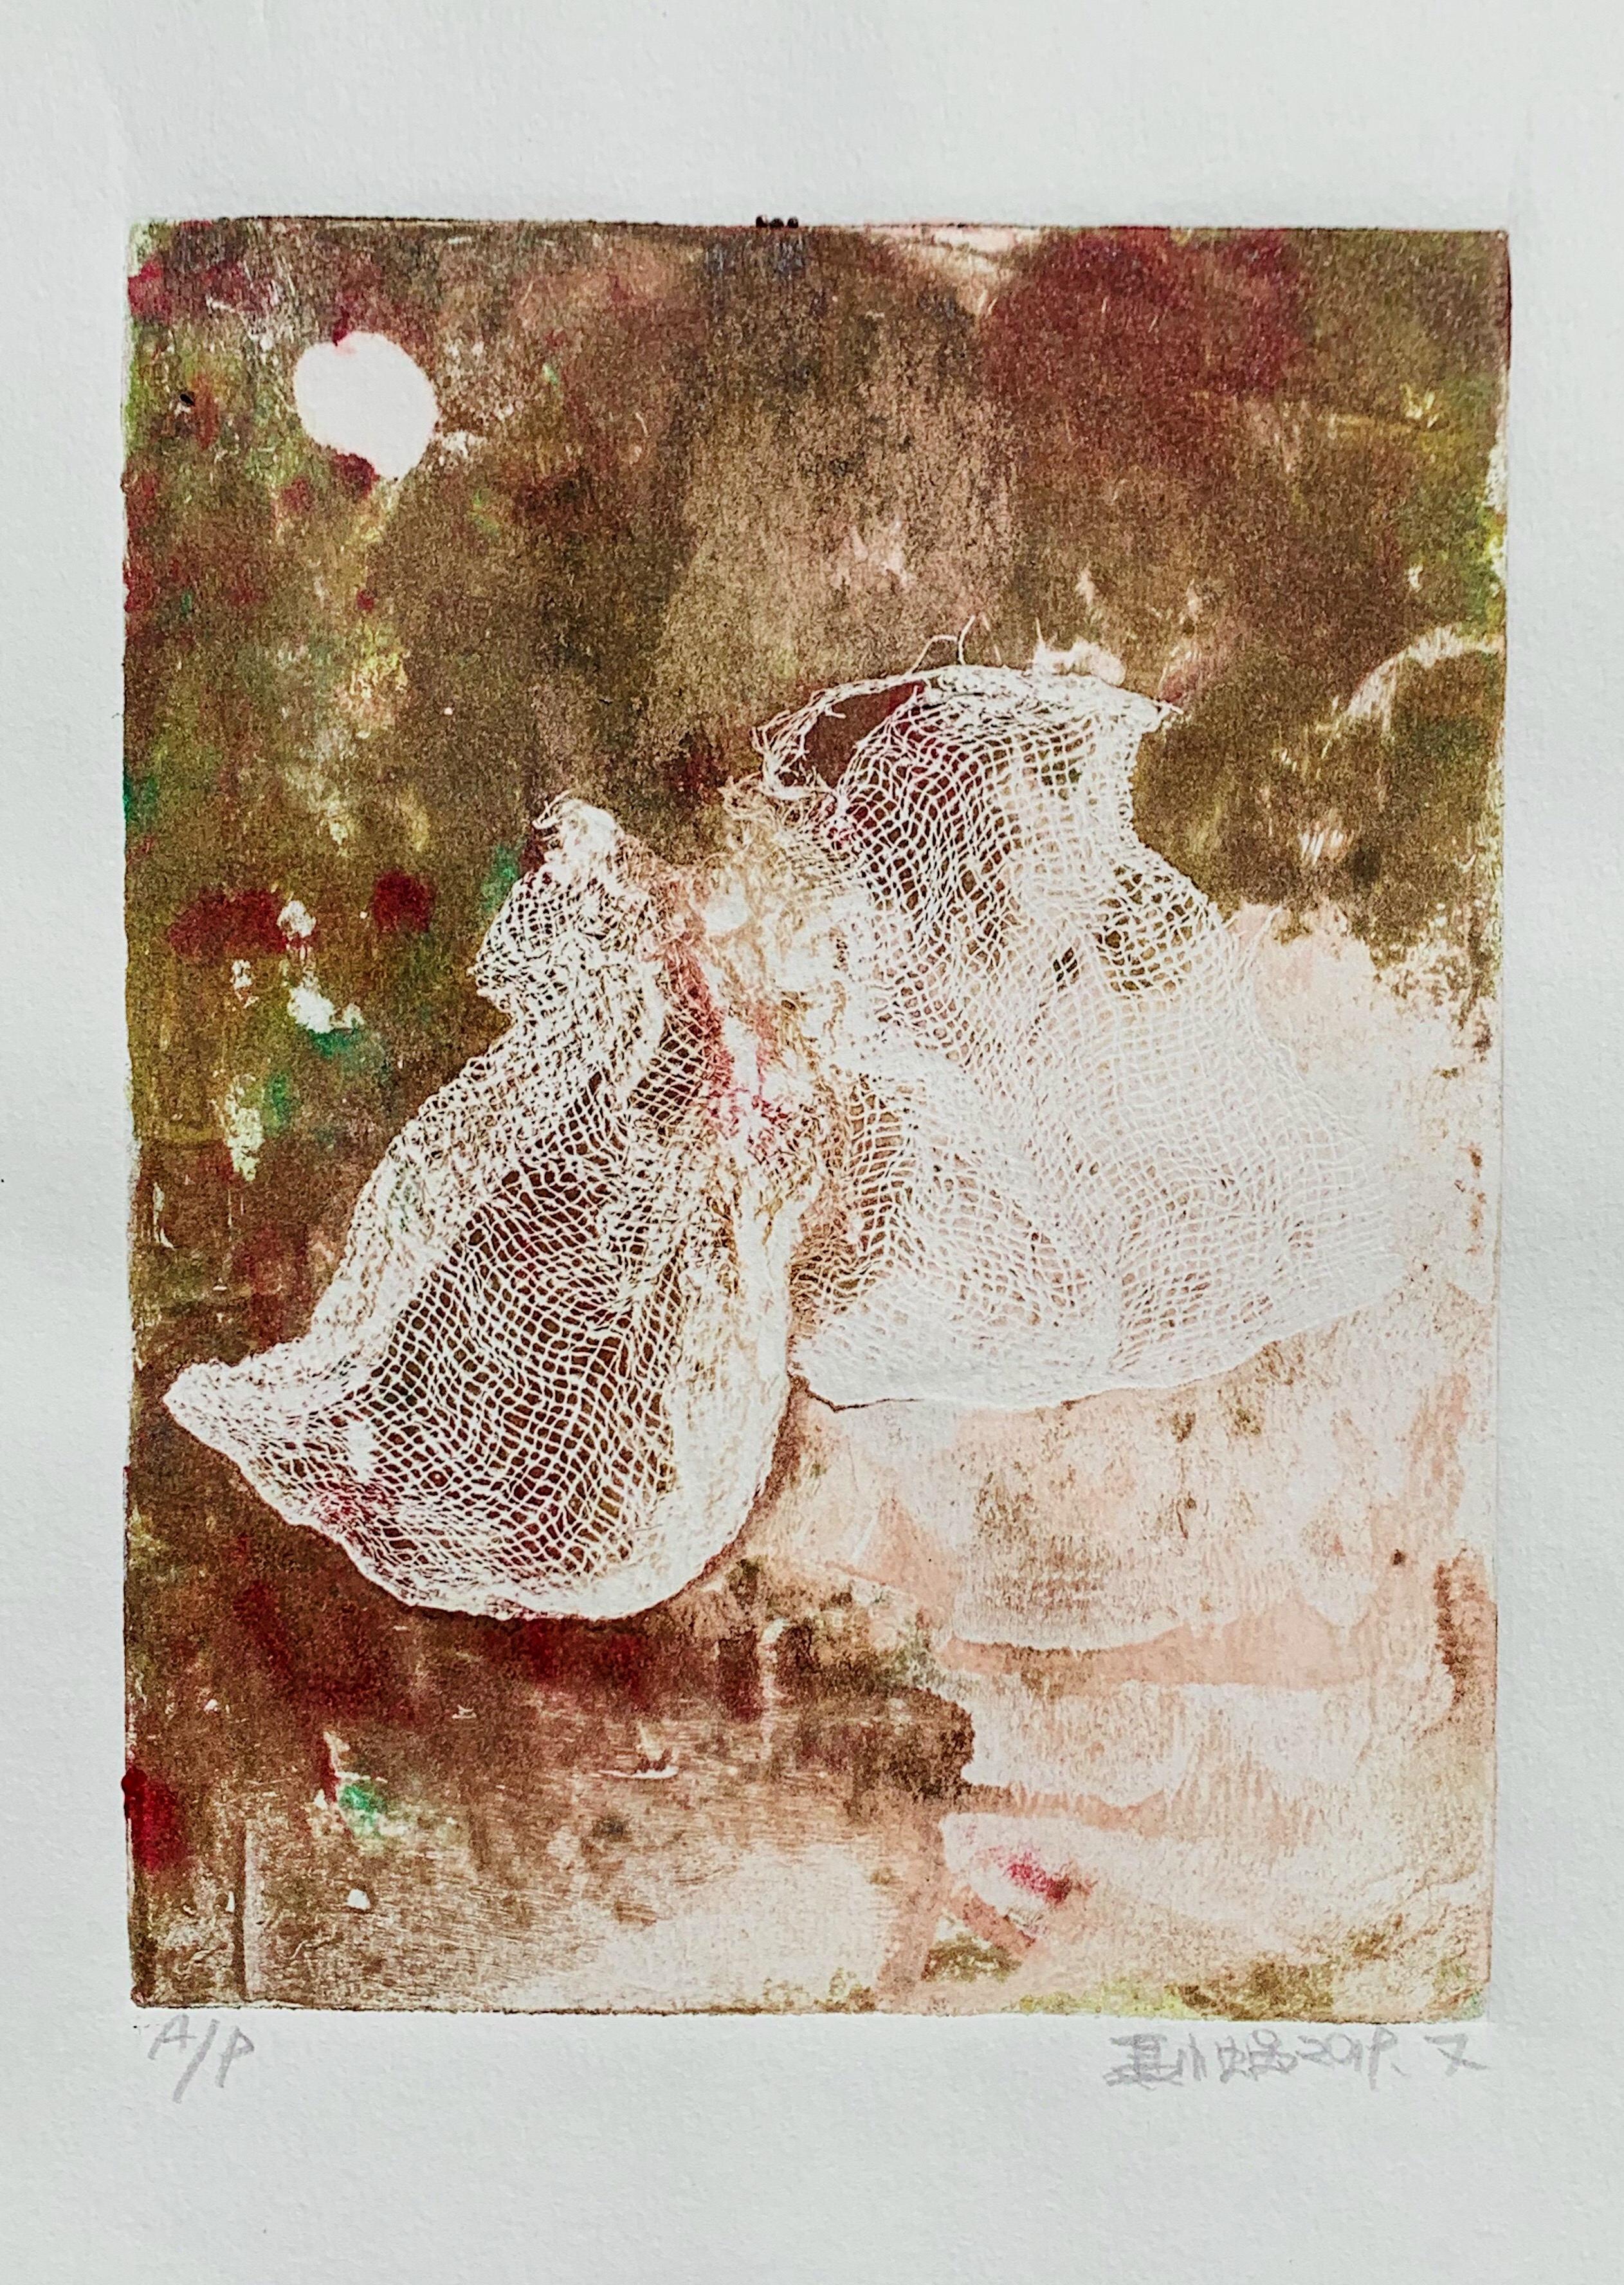 装饰摆挂收藏礼物艺术签名原稿海系列独幅版画